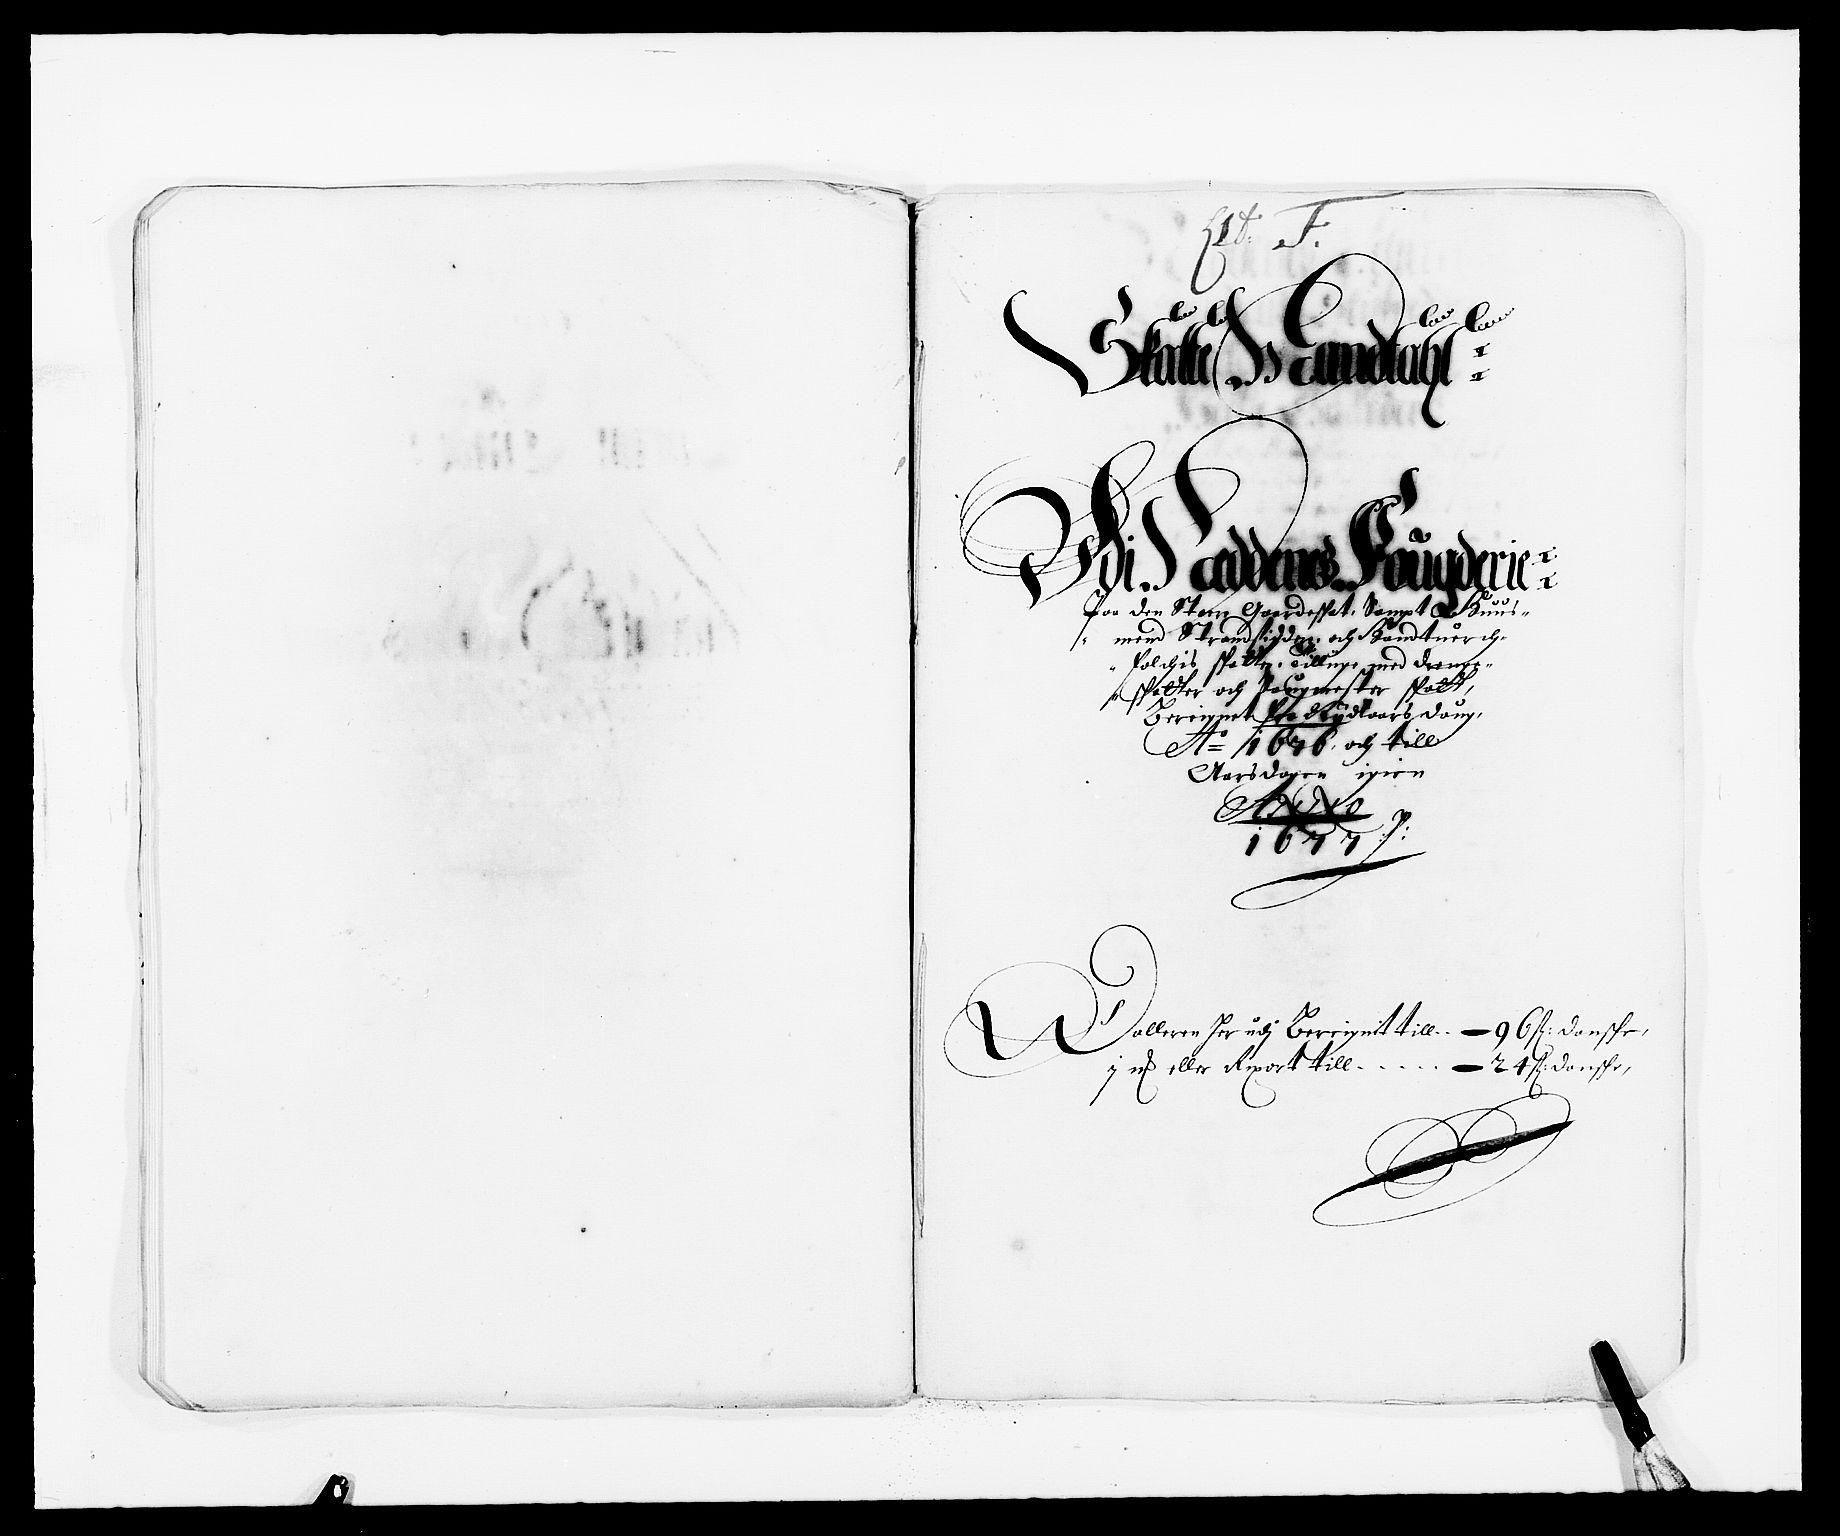 RA, Rentekammeret inntil 1814, Reviderte regnskaper, Fogderegnskap, R39/L2301: Fogderegnskap Nedenes, 1675-1676, s. 279